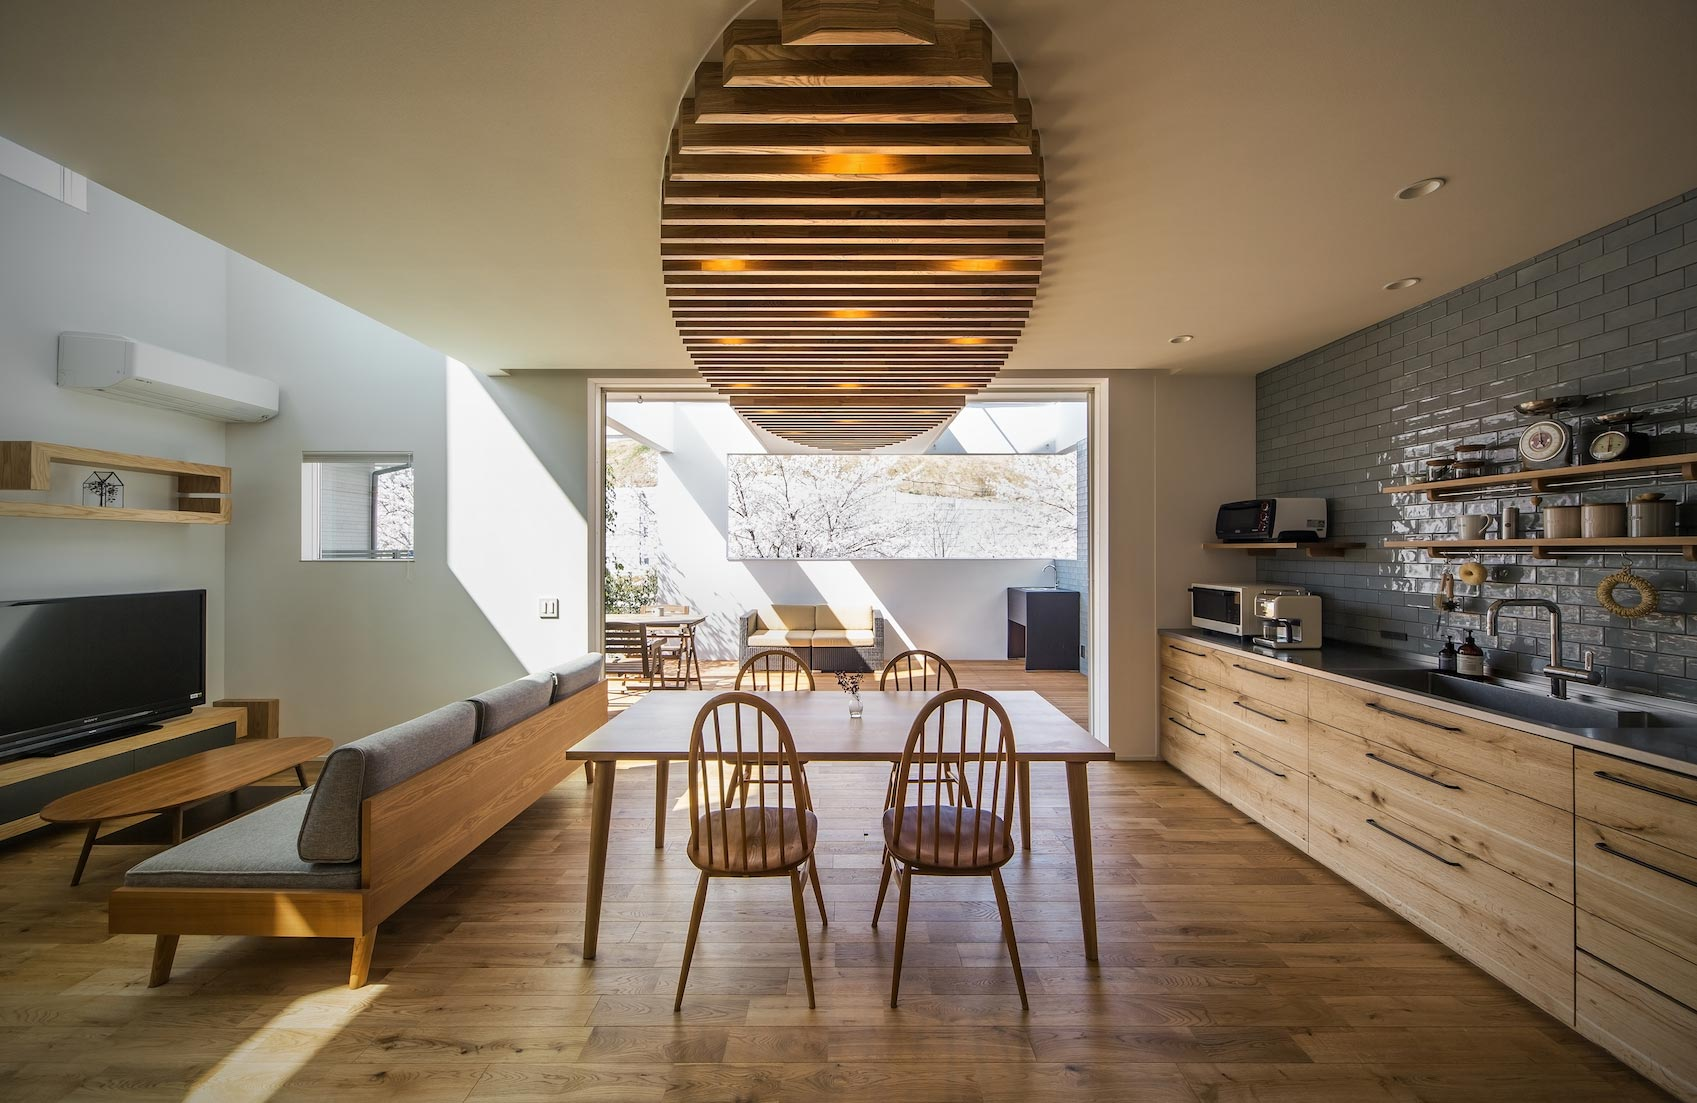 <p> LDKとアウトドアリビング: 長さ4mのキッチンはフルオーダーメード。扉の突板には、直線的なデザインを強調するような木目のはいった国産ナラ材を採用しました。壁面の棚はあえてオープンにし、家電も積極的にインテリアとしてとらえる考え方です </p>